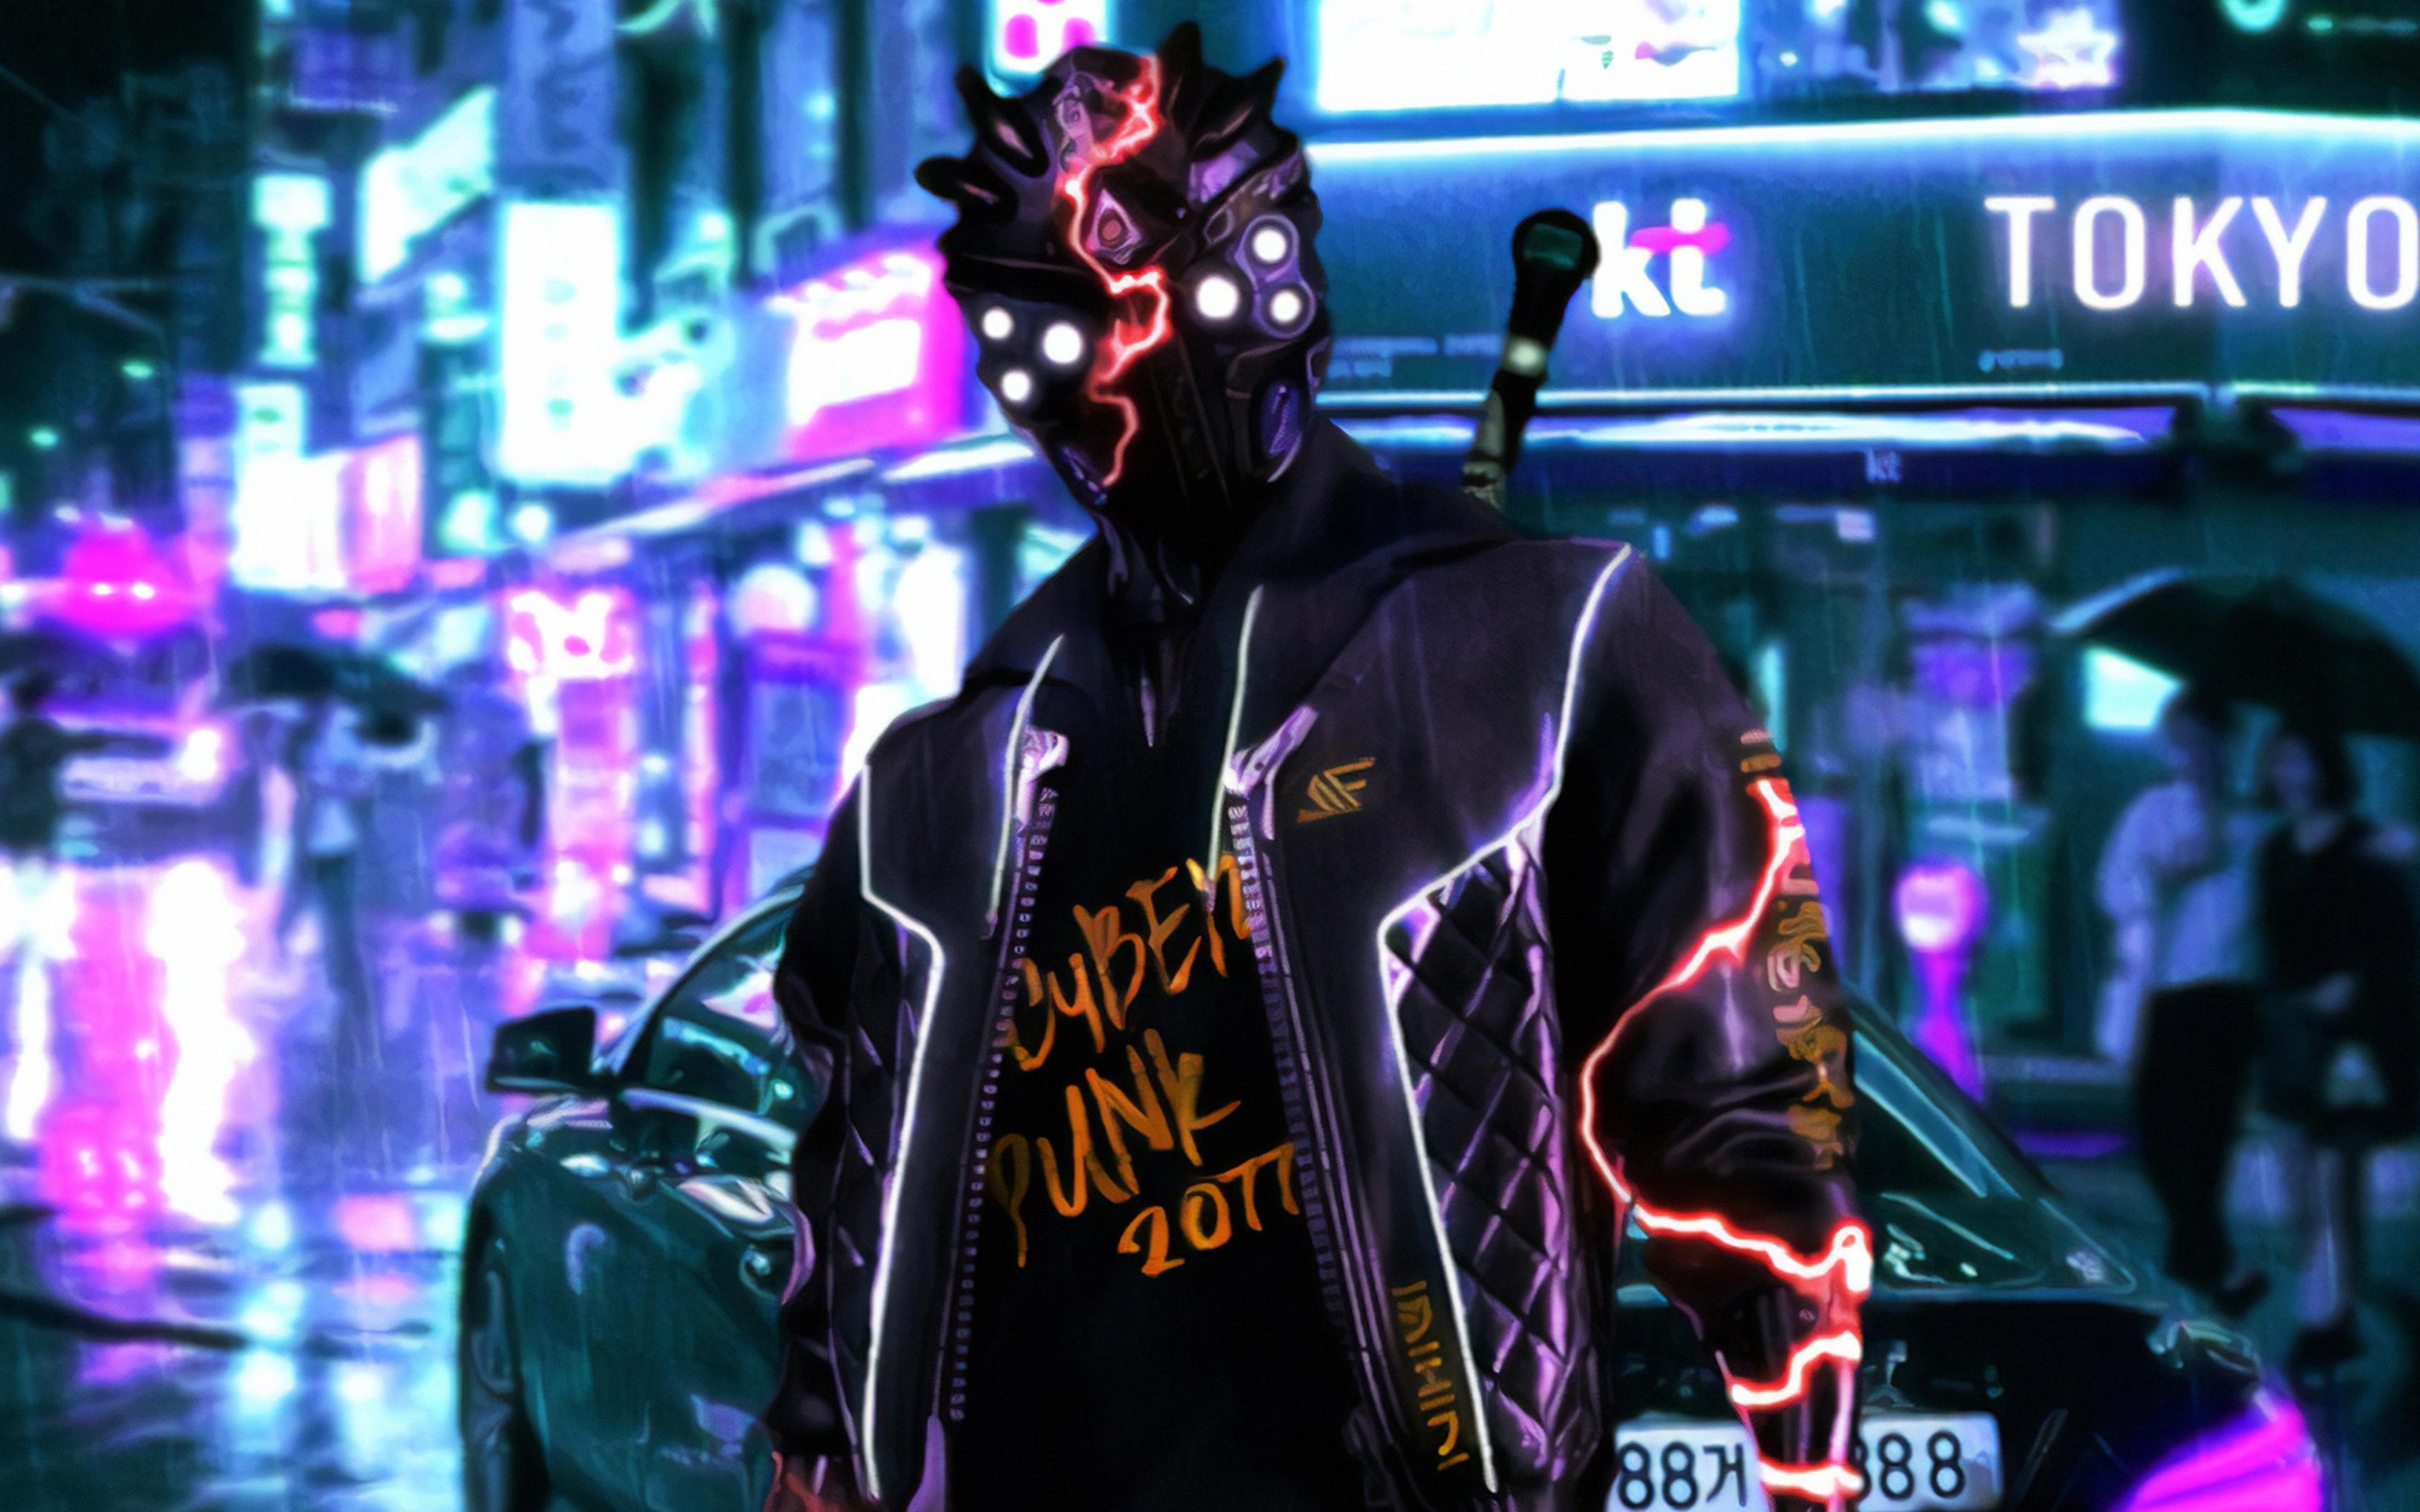 3840x2400 Cyberpunk 2077 Tokyo Street 4k 4k HD 4k ...